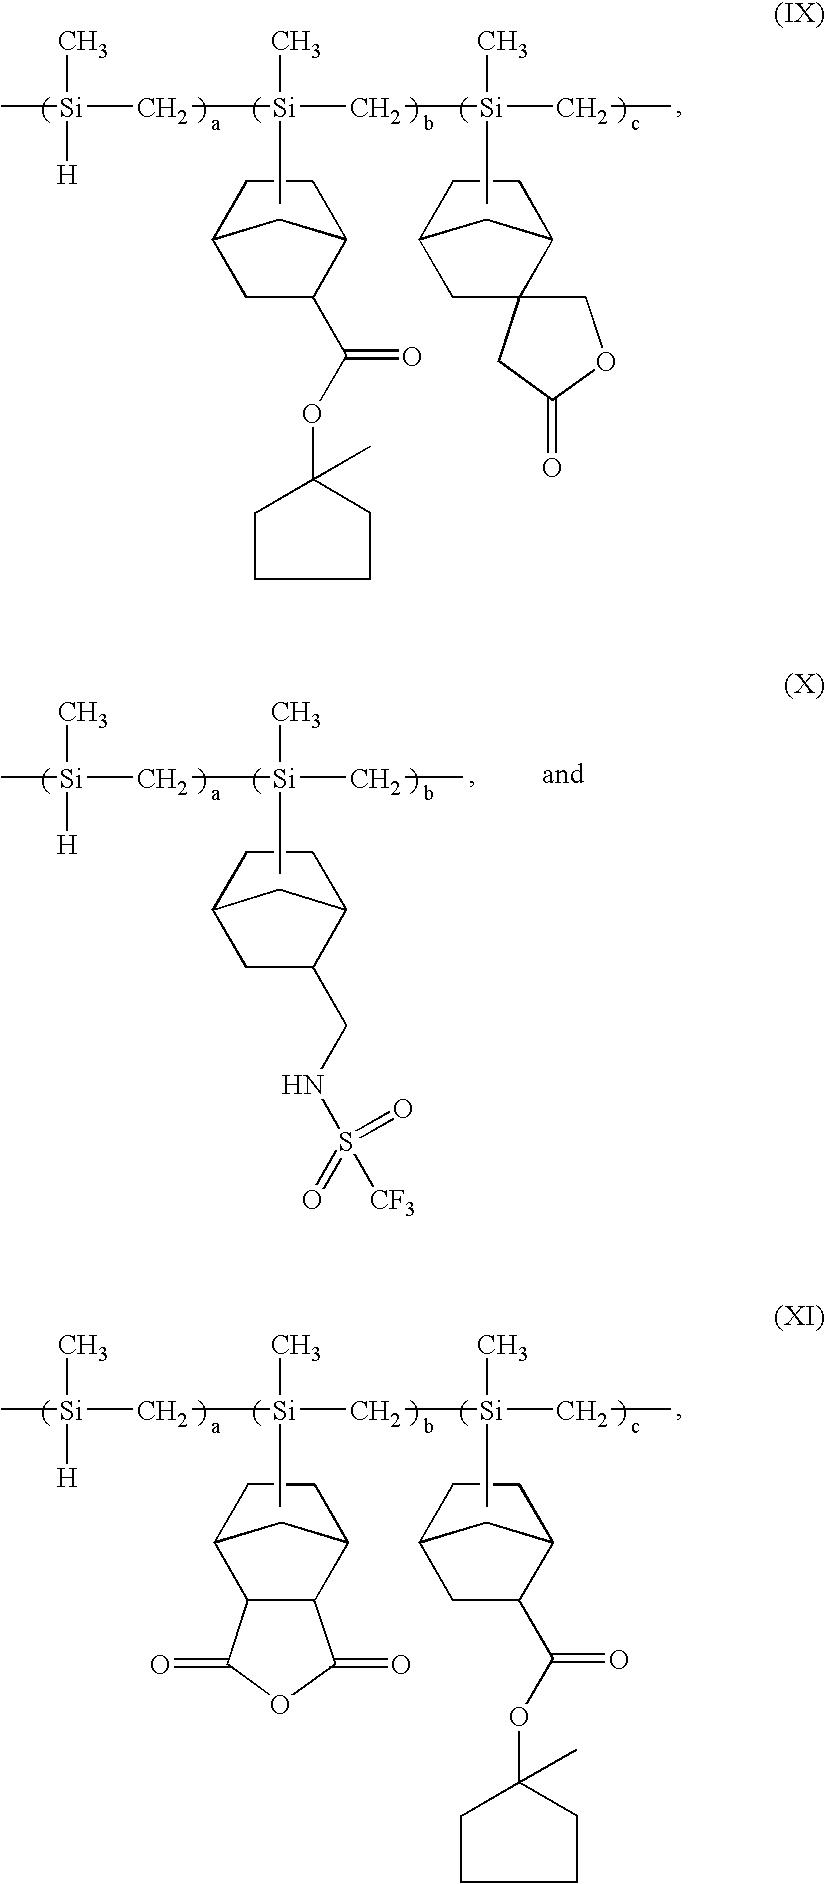 Figure US20090081598A1-20090326-C00014